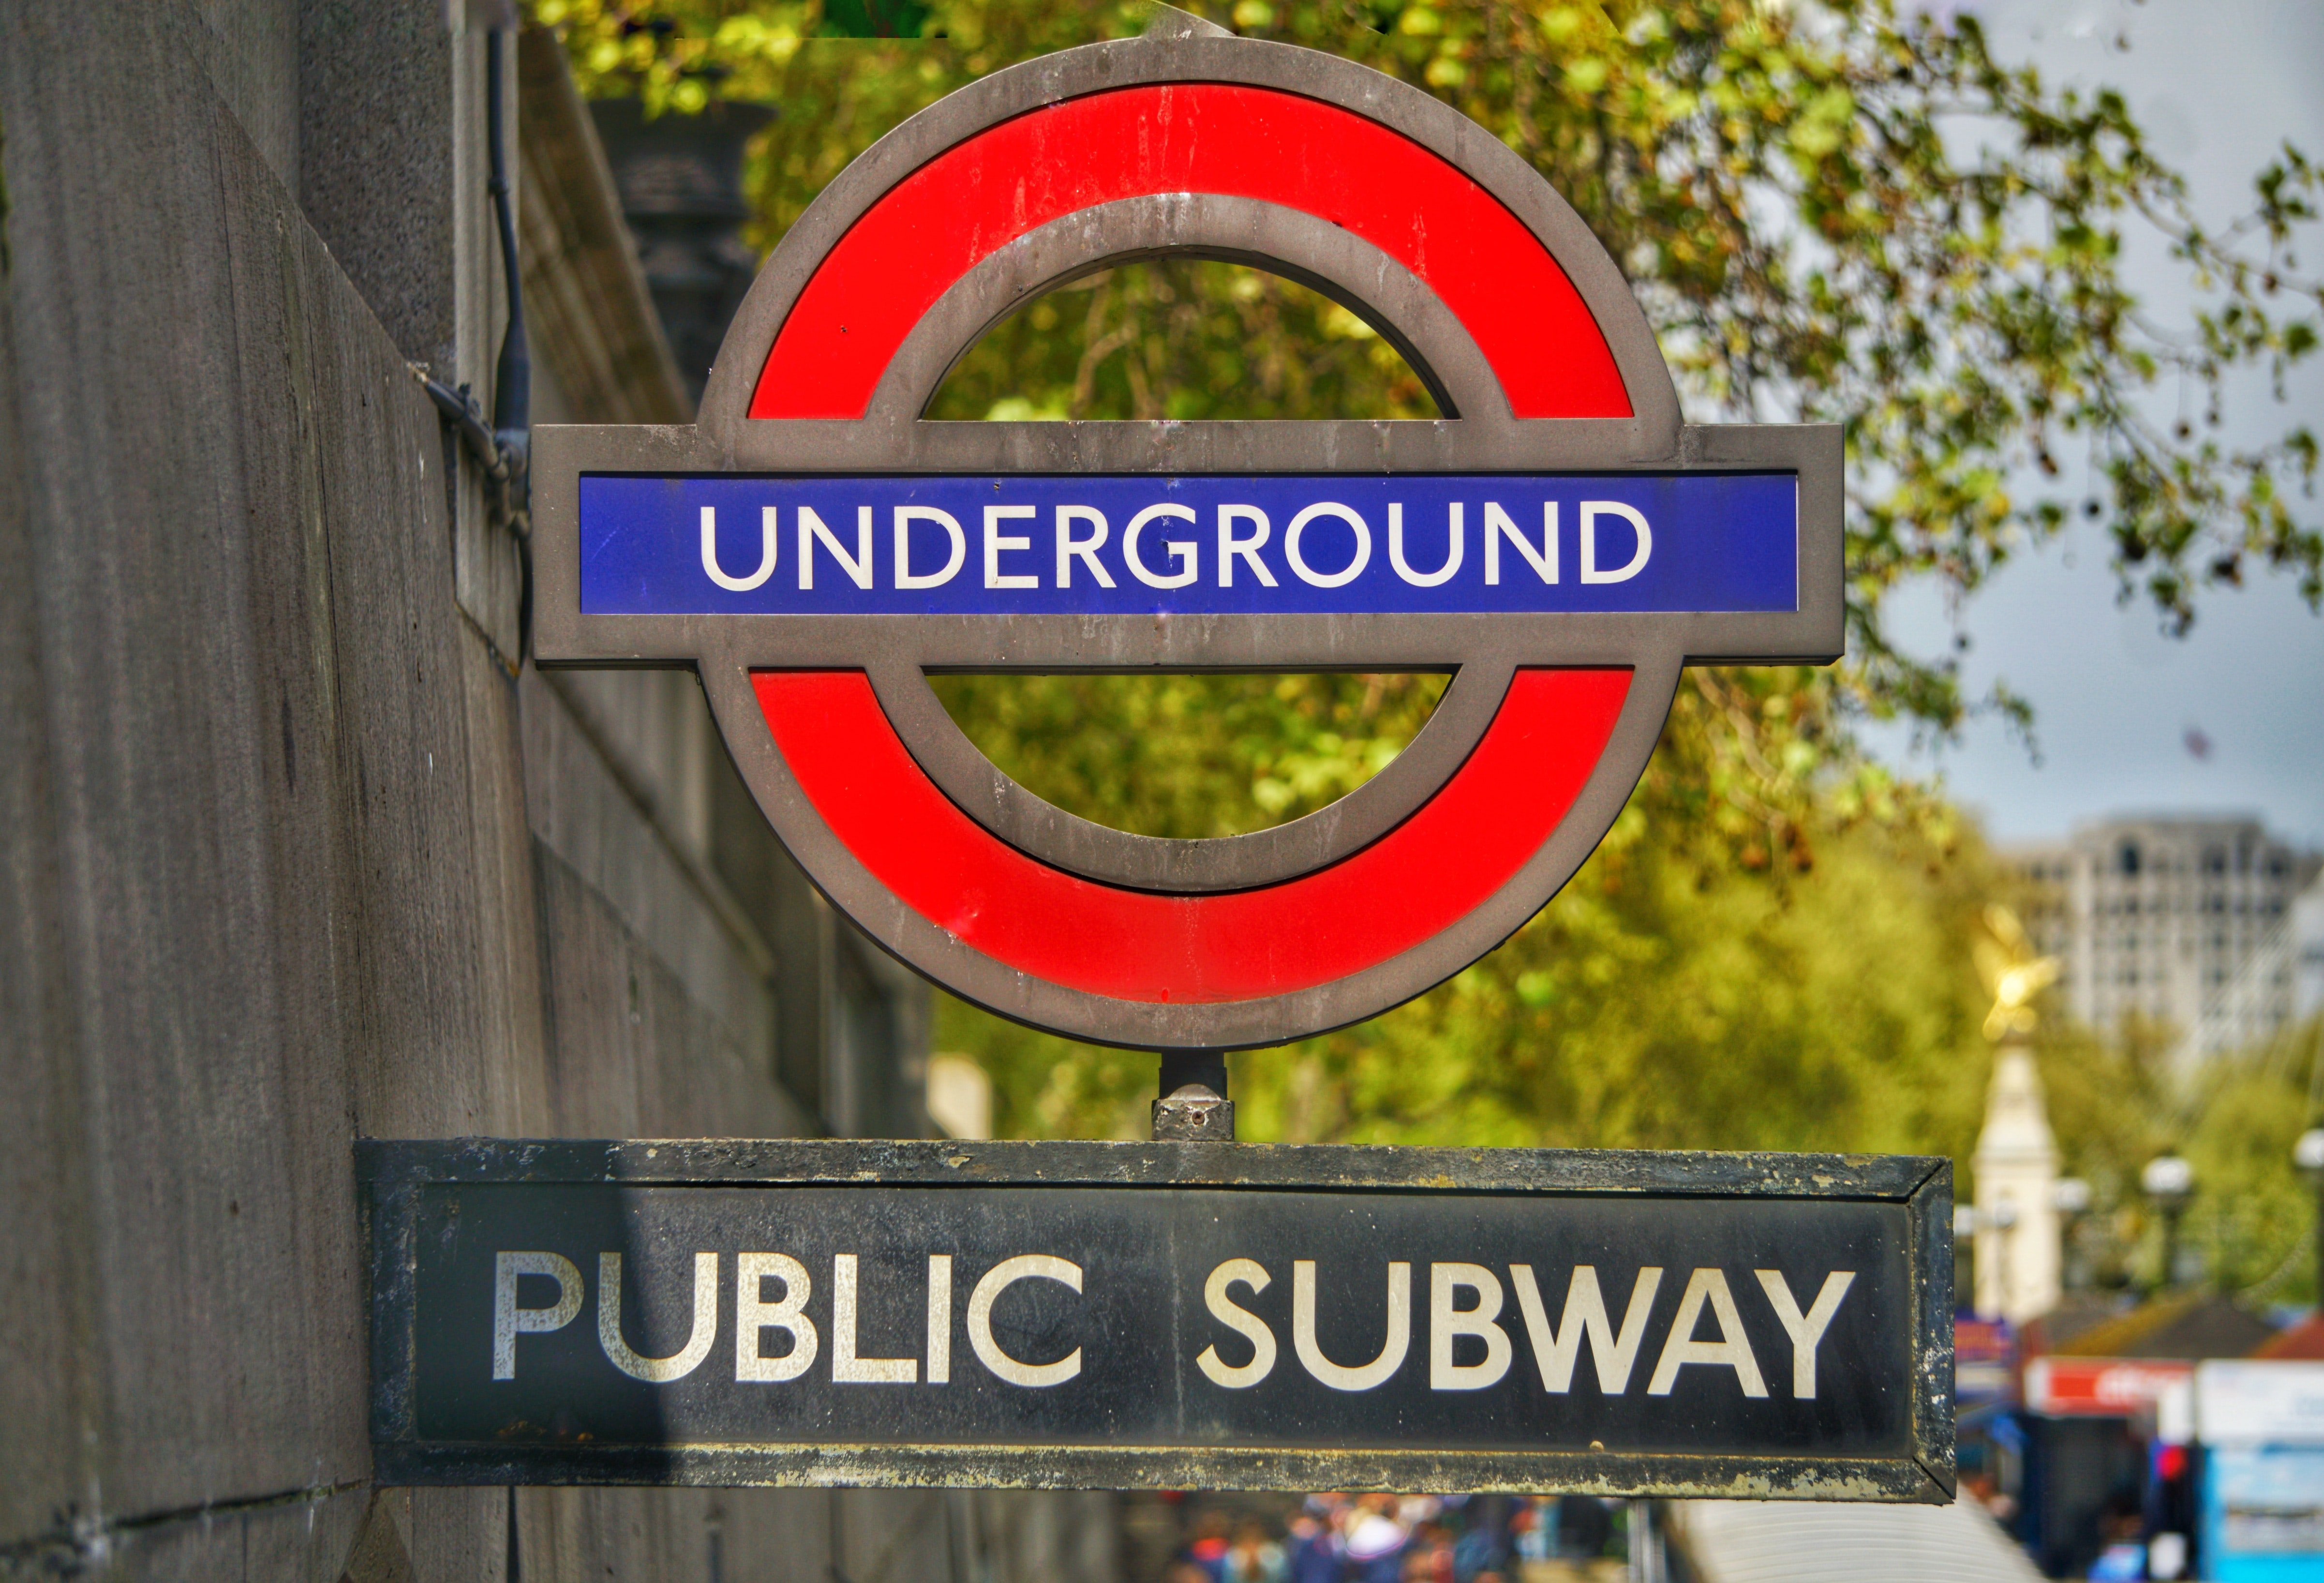 Undergroung public subway signage